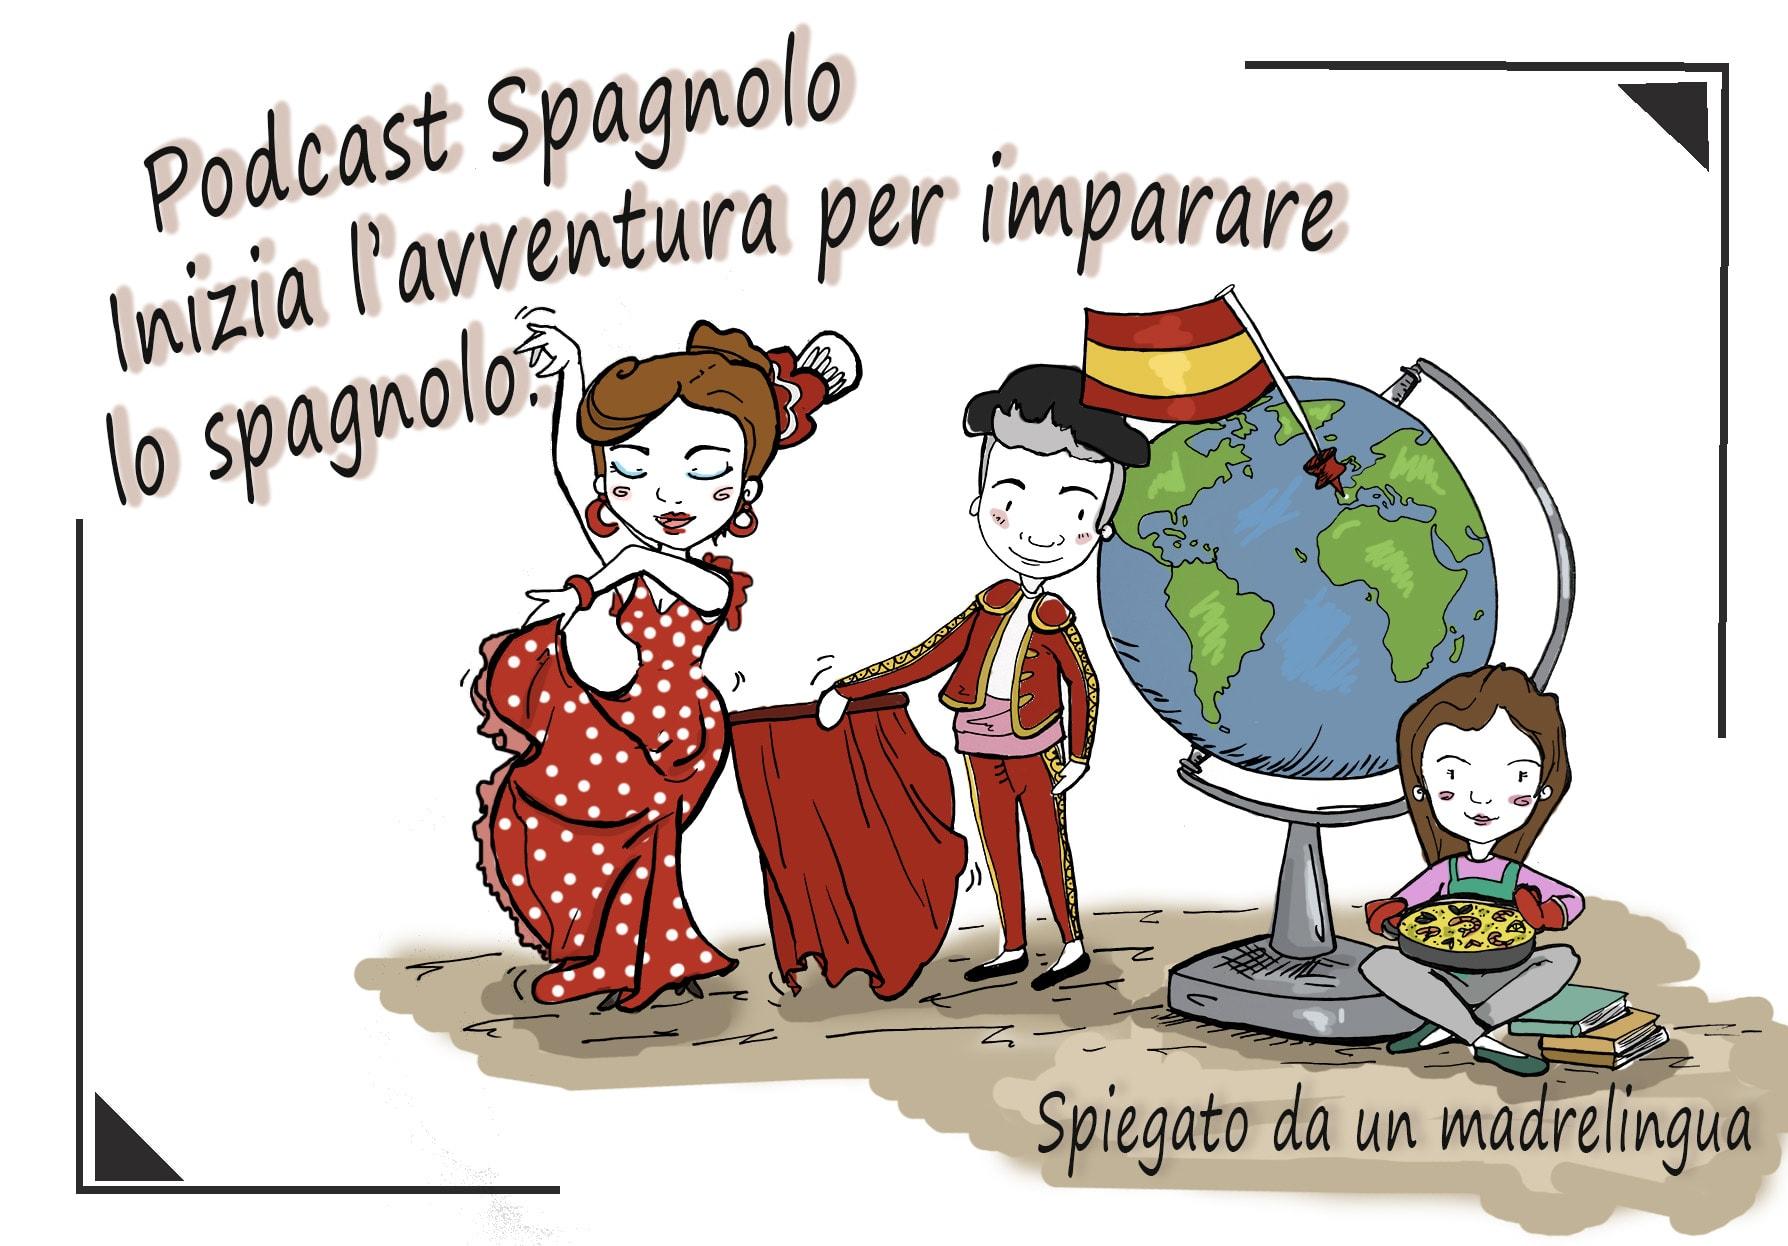 Podcast Spagnolo 🎙️ inizia l'avventura per imparare lo spagnolo.